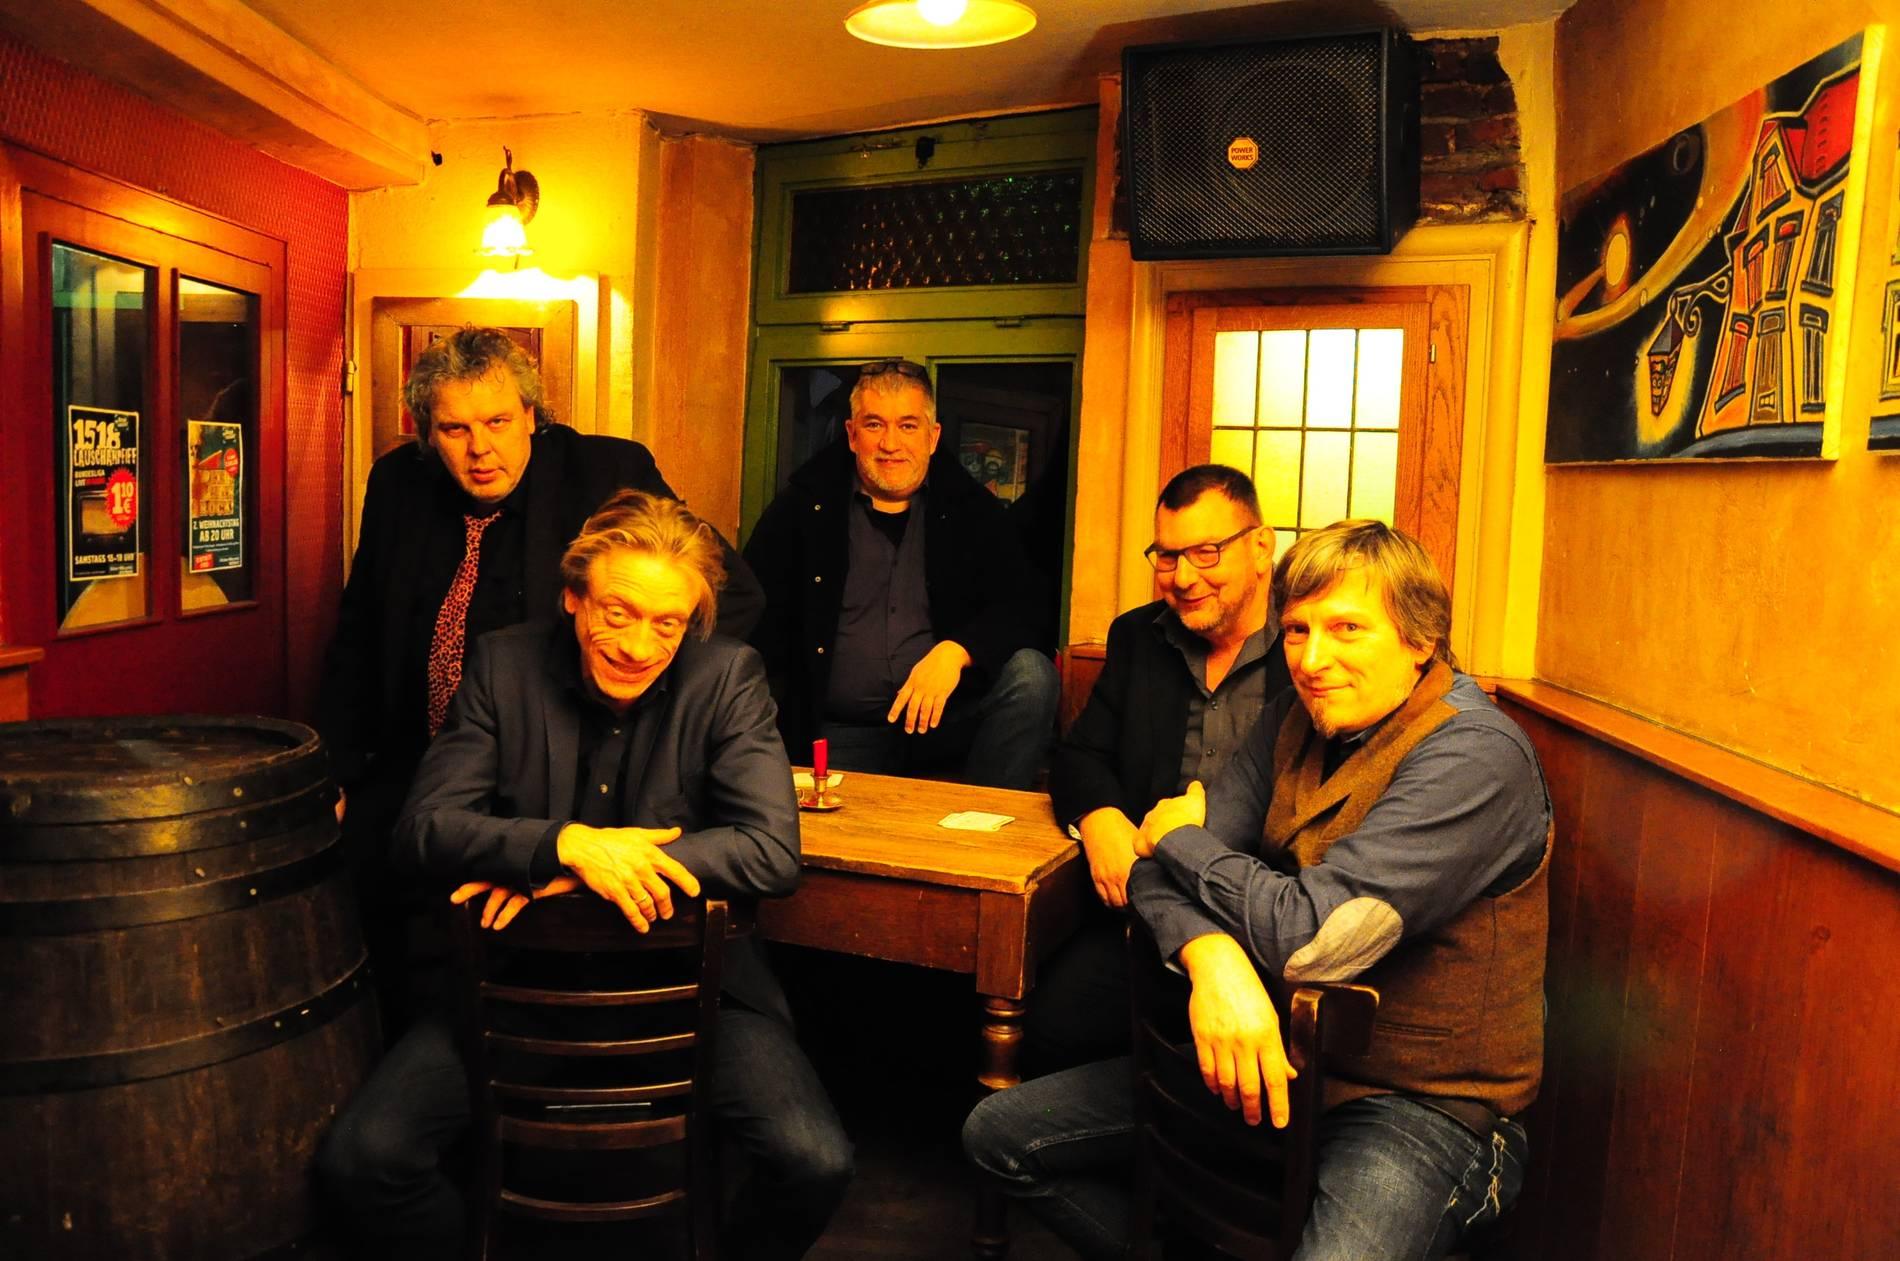 Bildergebnis für fotos von der eschweiler blues band saturday night fish fry